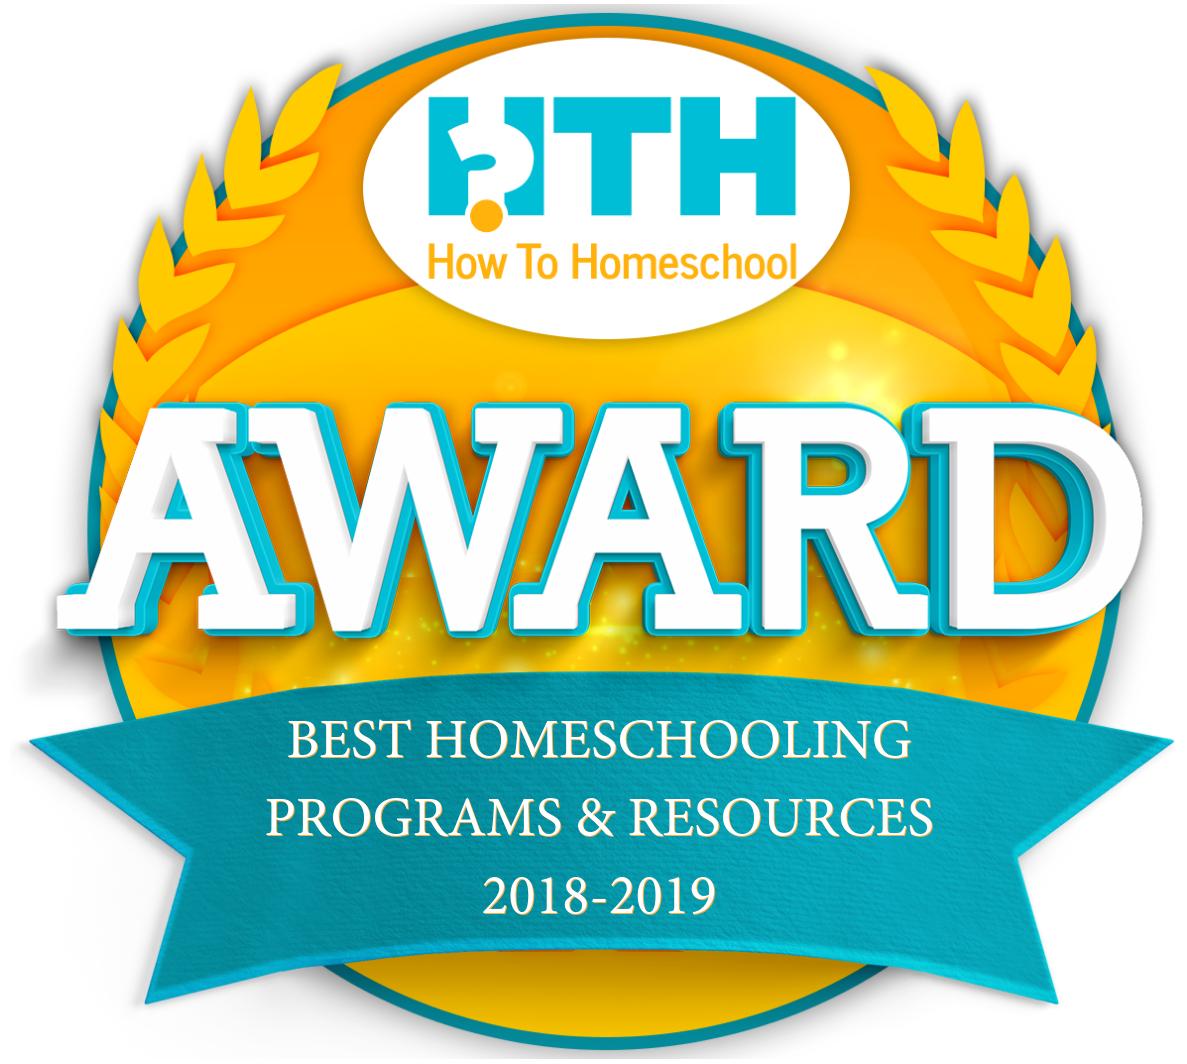 Best Homeschooling Program - Little Pim